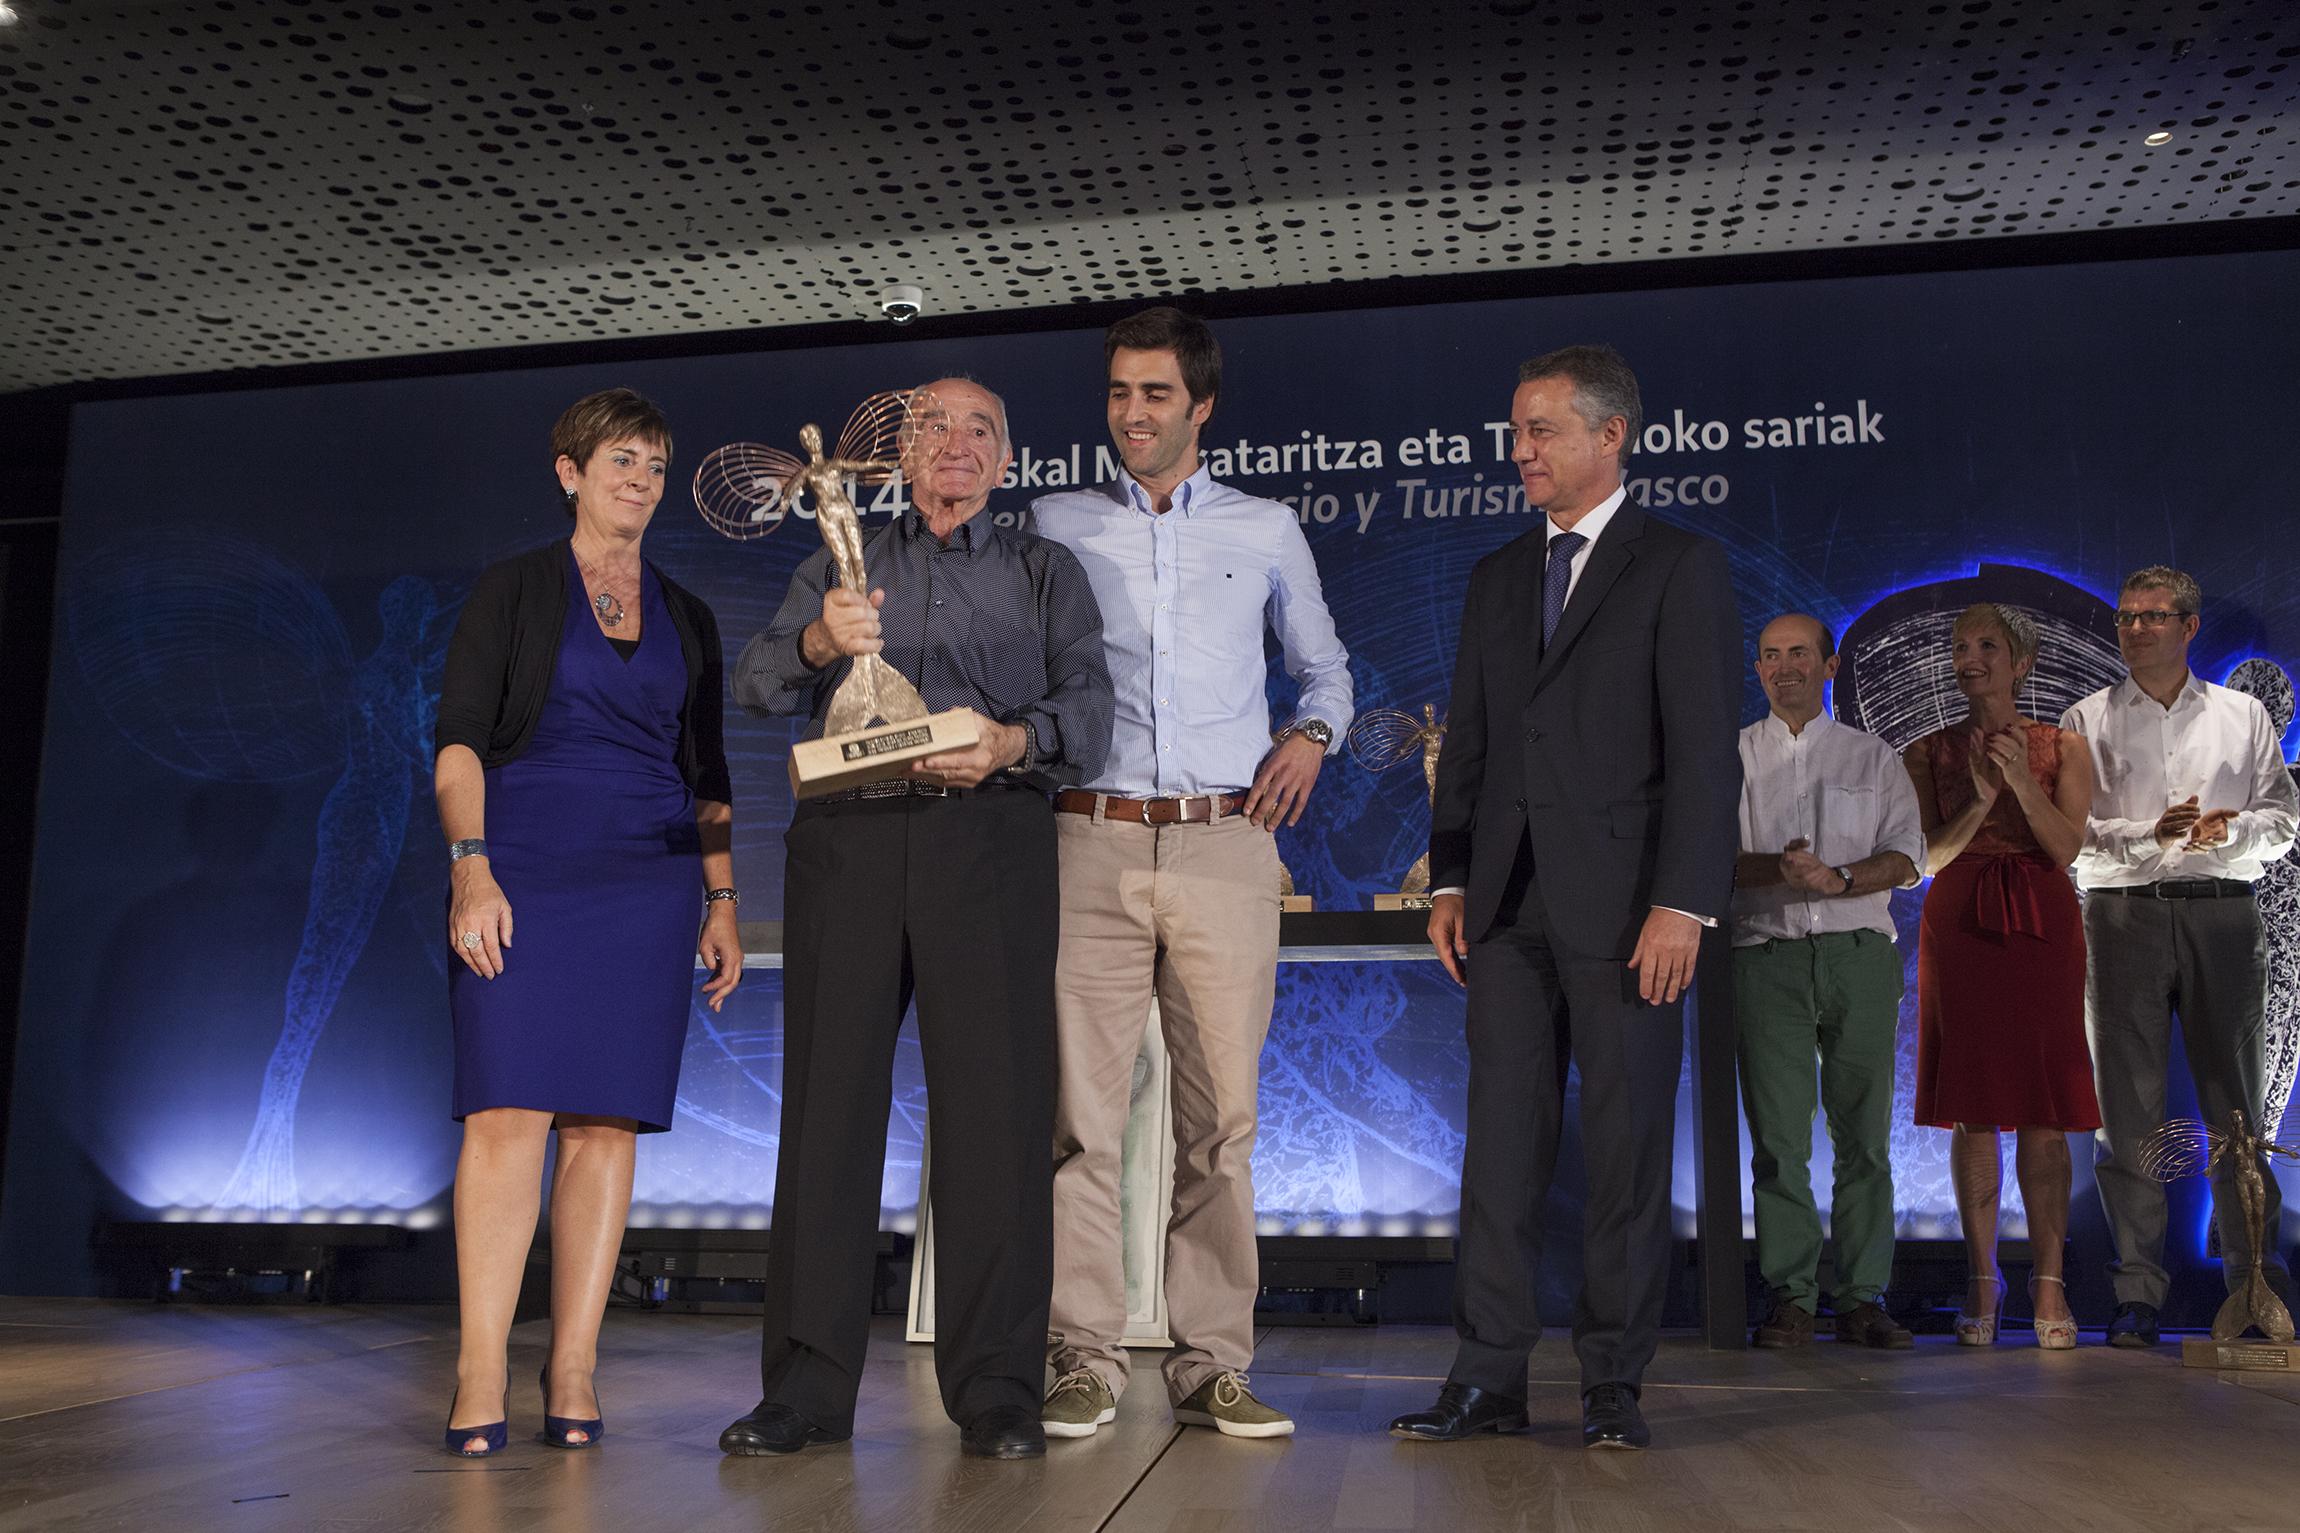 2014_10_07_lhk_premios_turismo_082.jpg